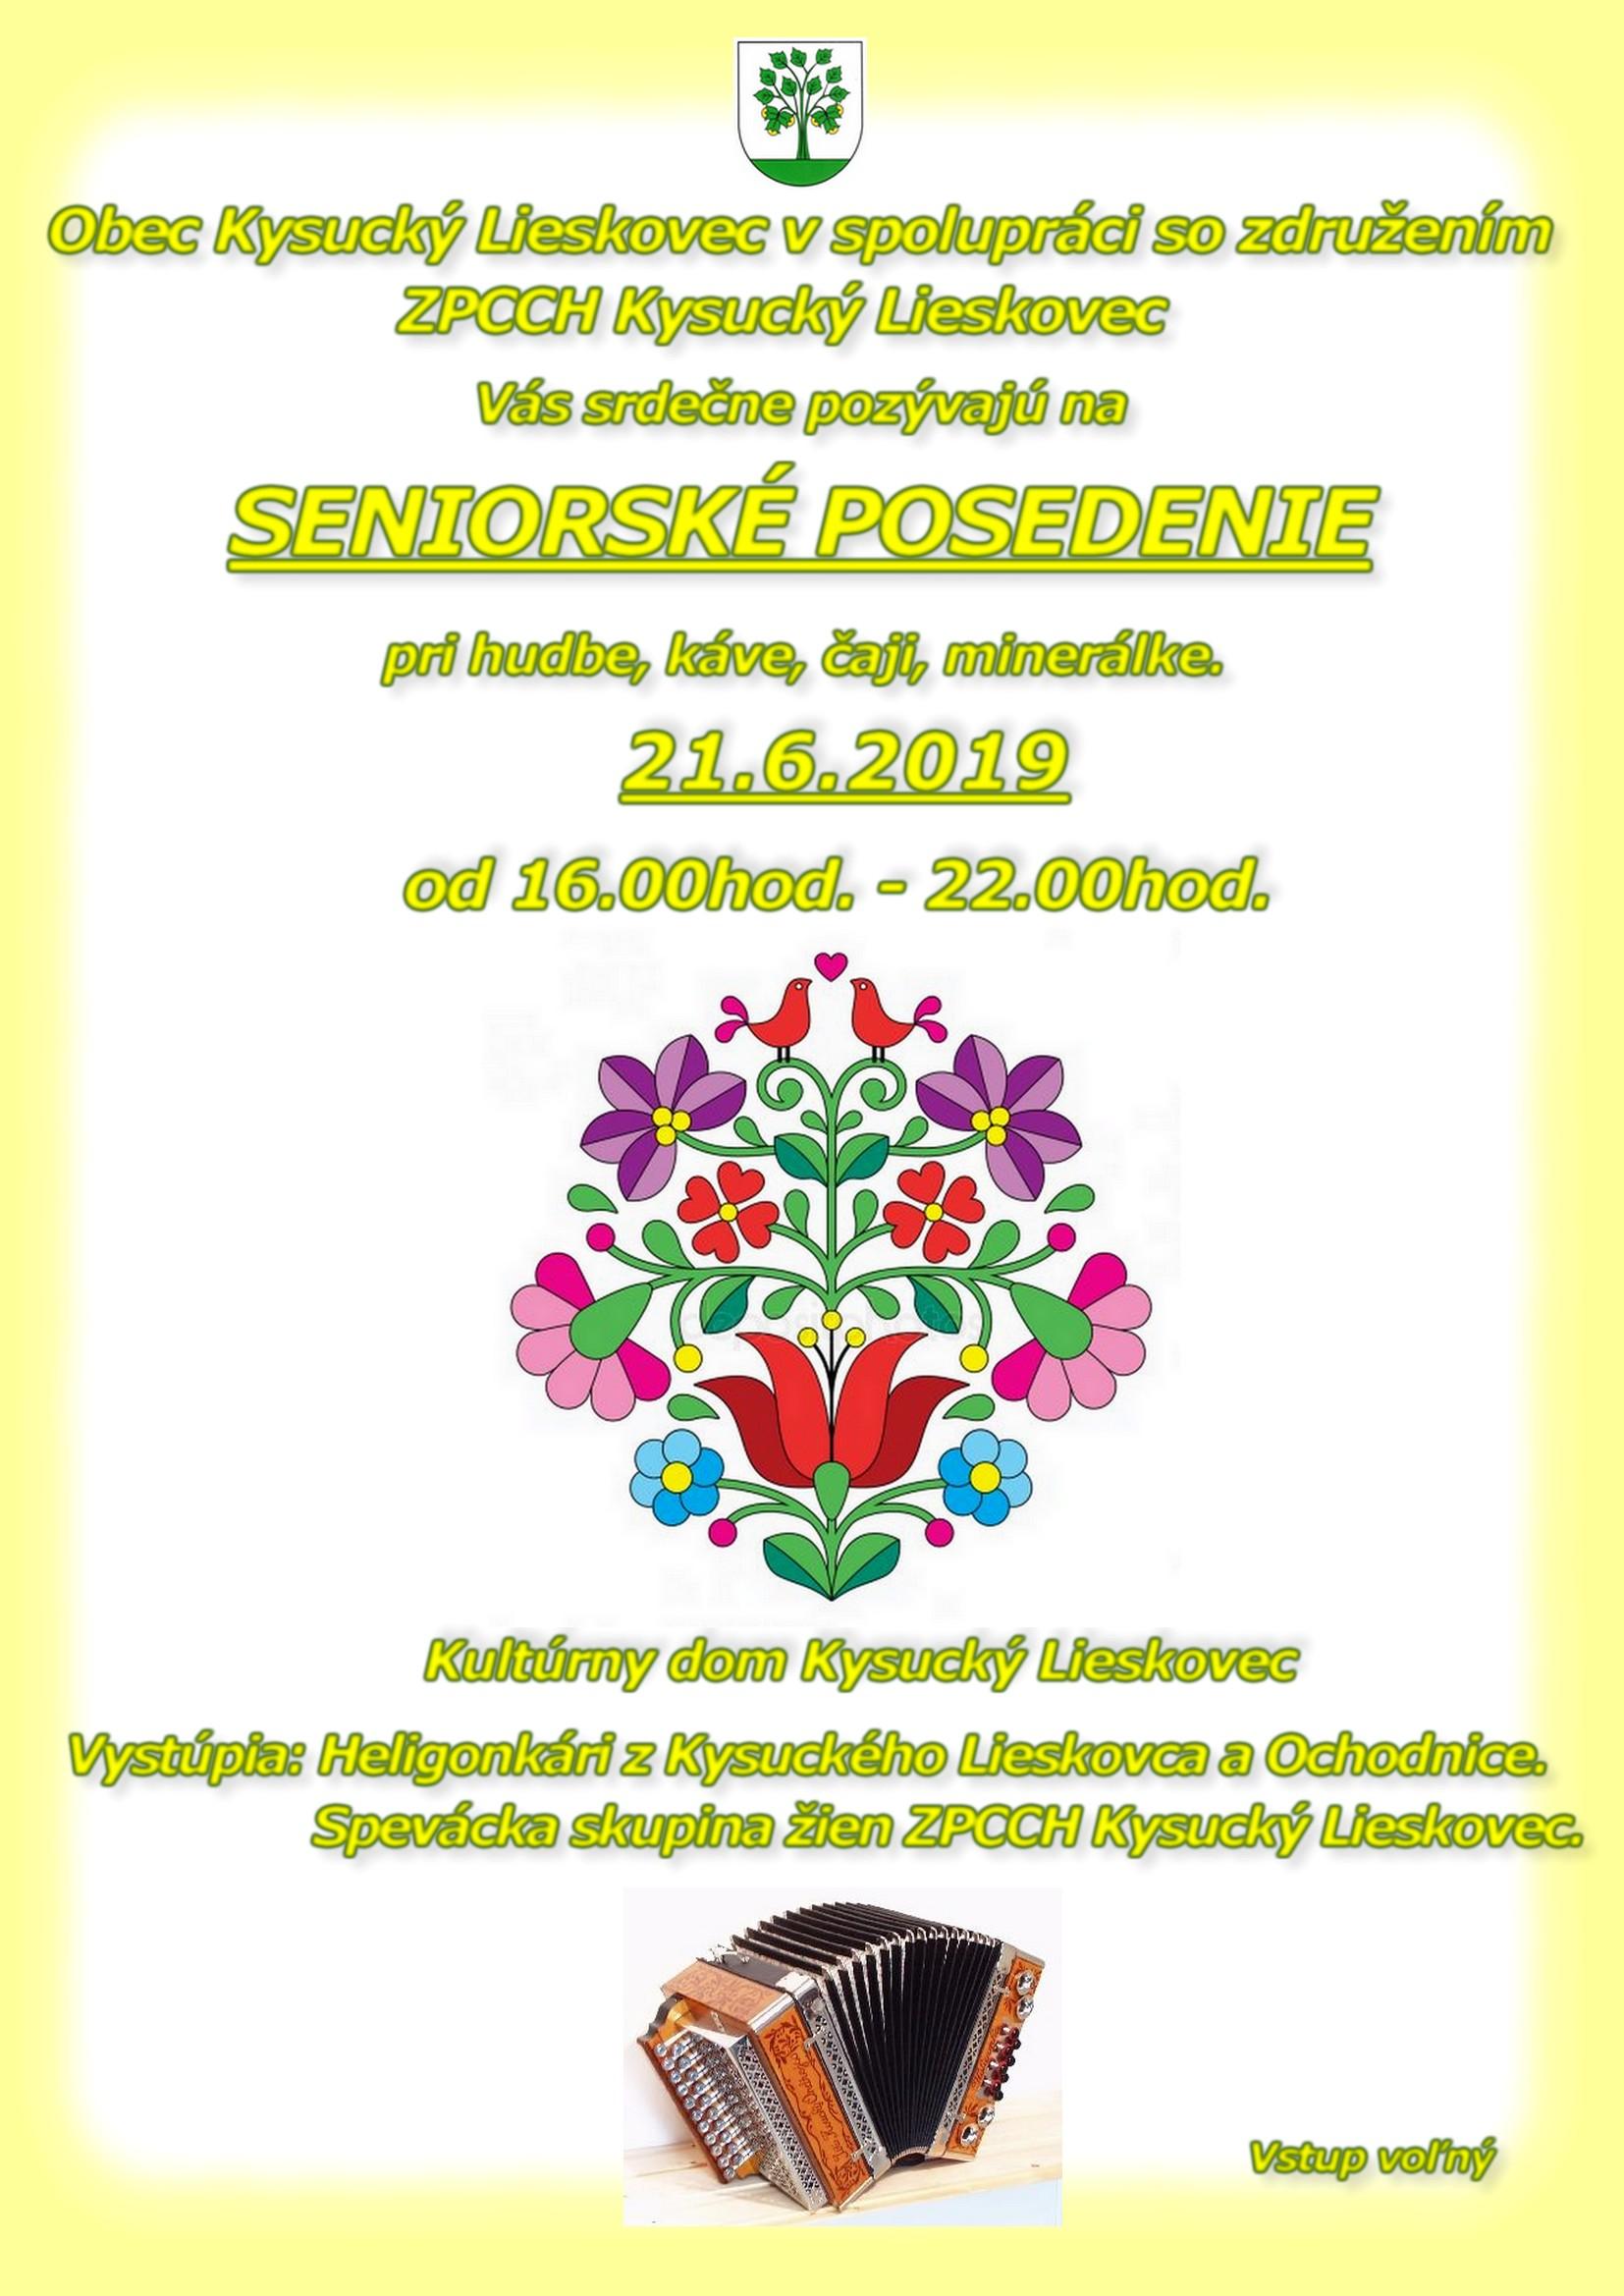 Le village de Kysucky Lieskovec en coopération avec l'association ZPCCH Kysucky Lieskovec vous invite à la SENIOR ASSEMBLY du 21.6.2019 de 16h00 à 22h00.